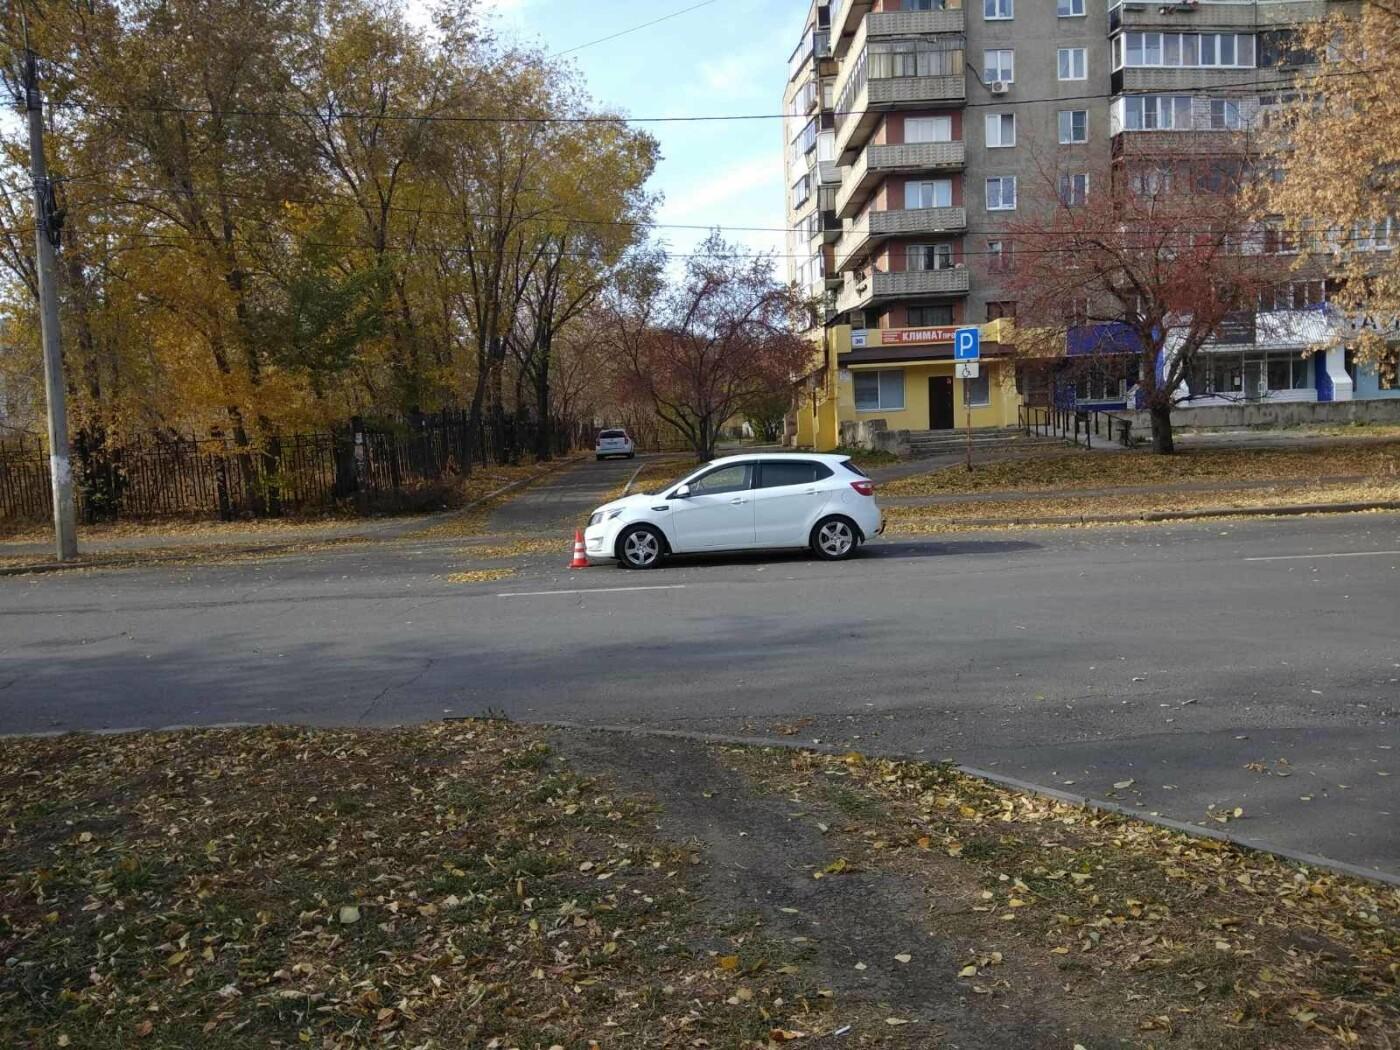 Пять человек получили травмы в ДТП на дорогах Магнитогорска, фото-1